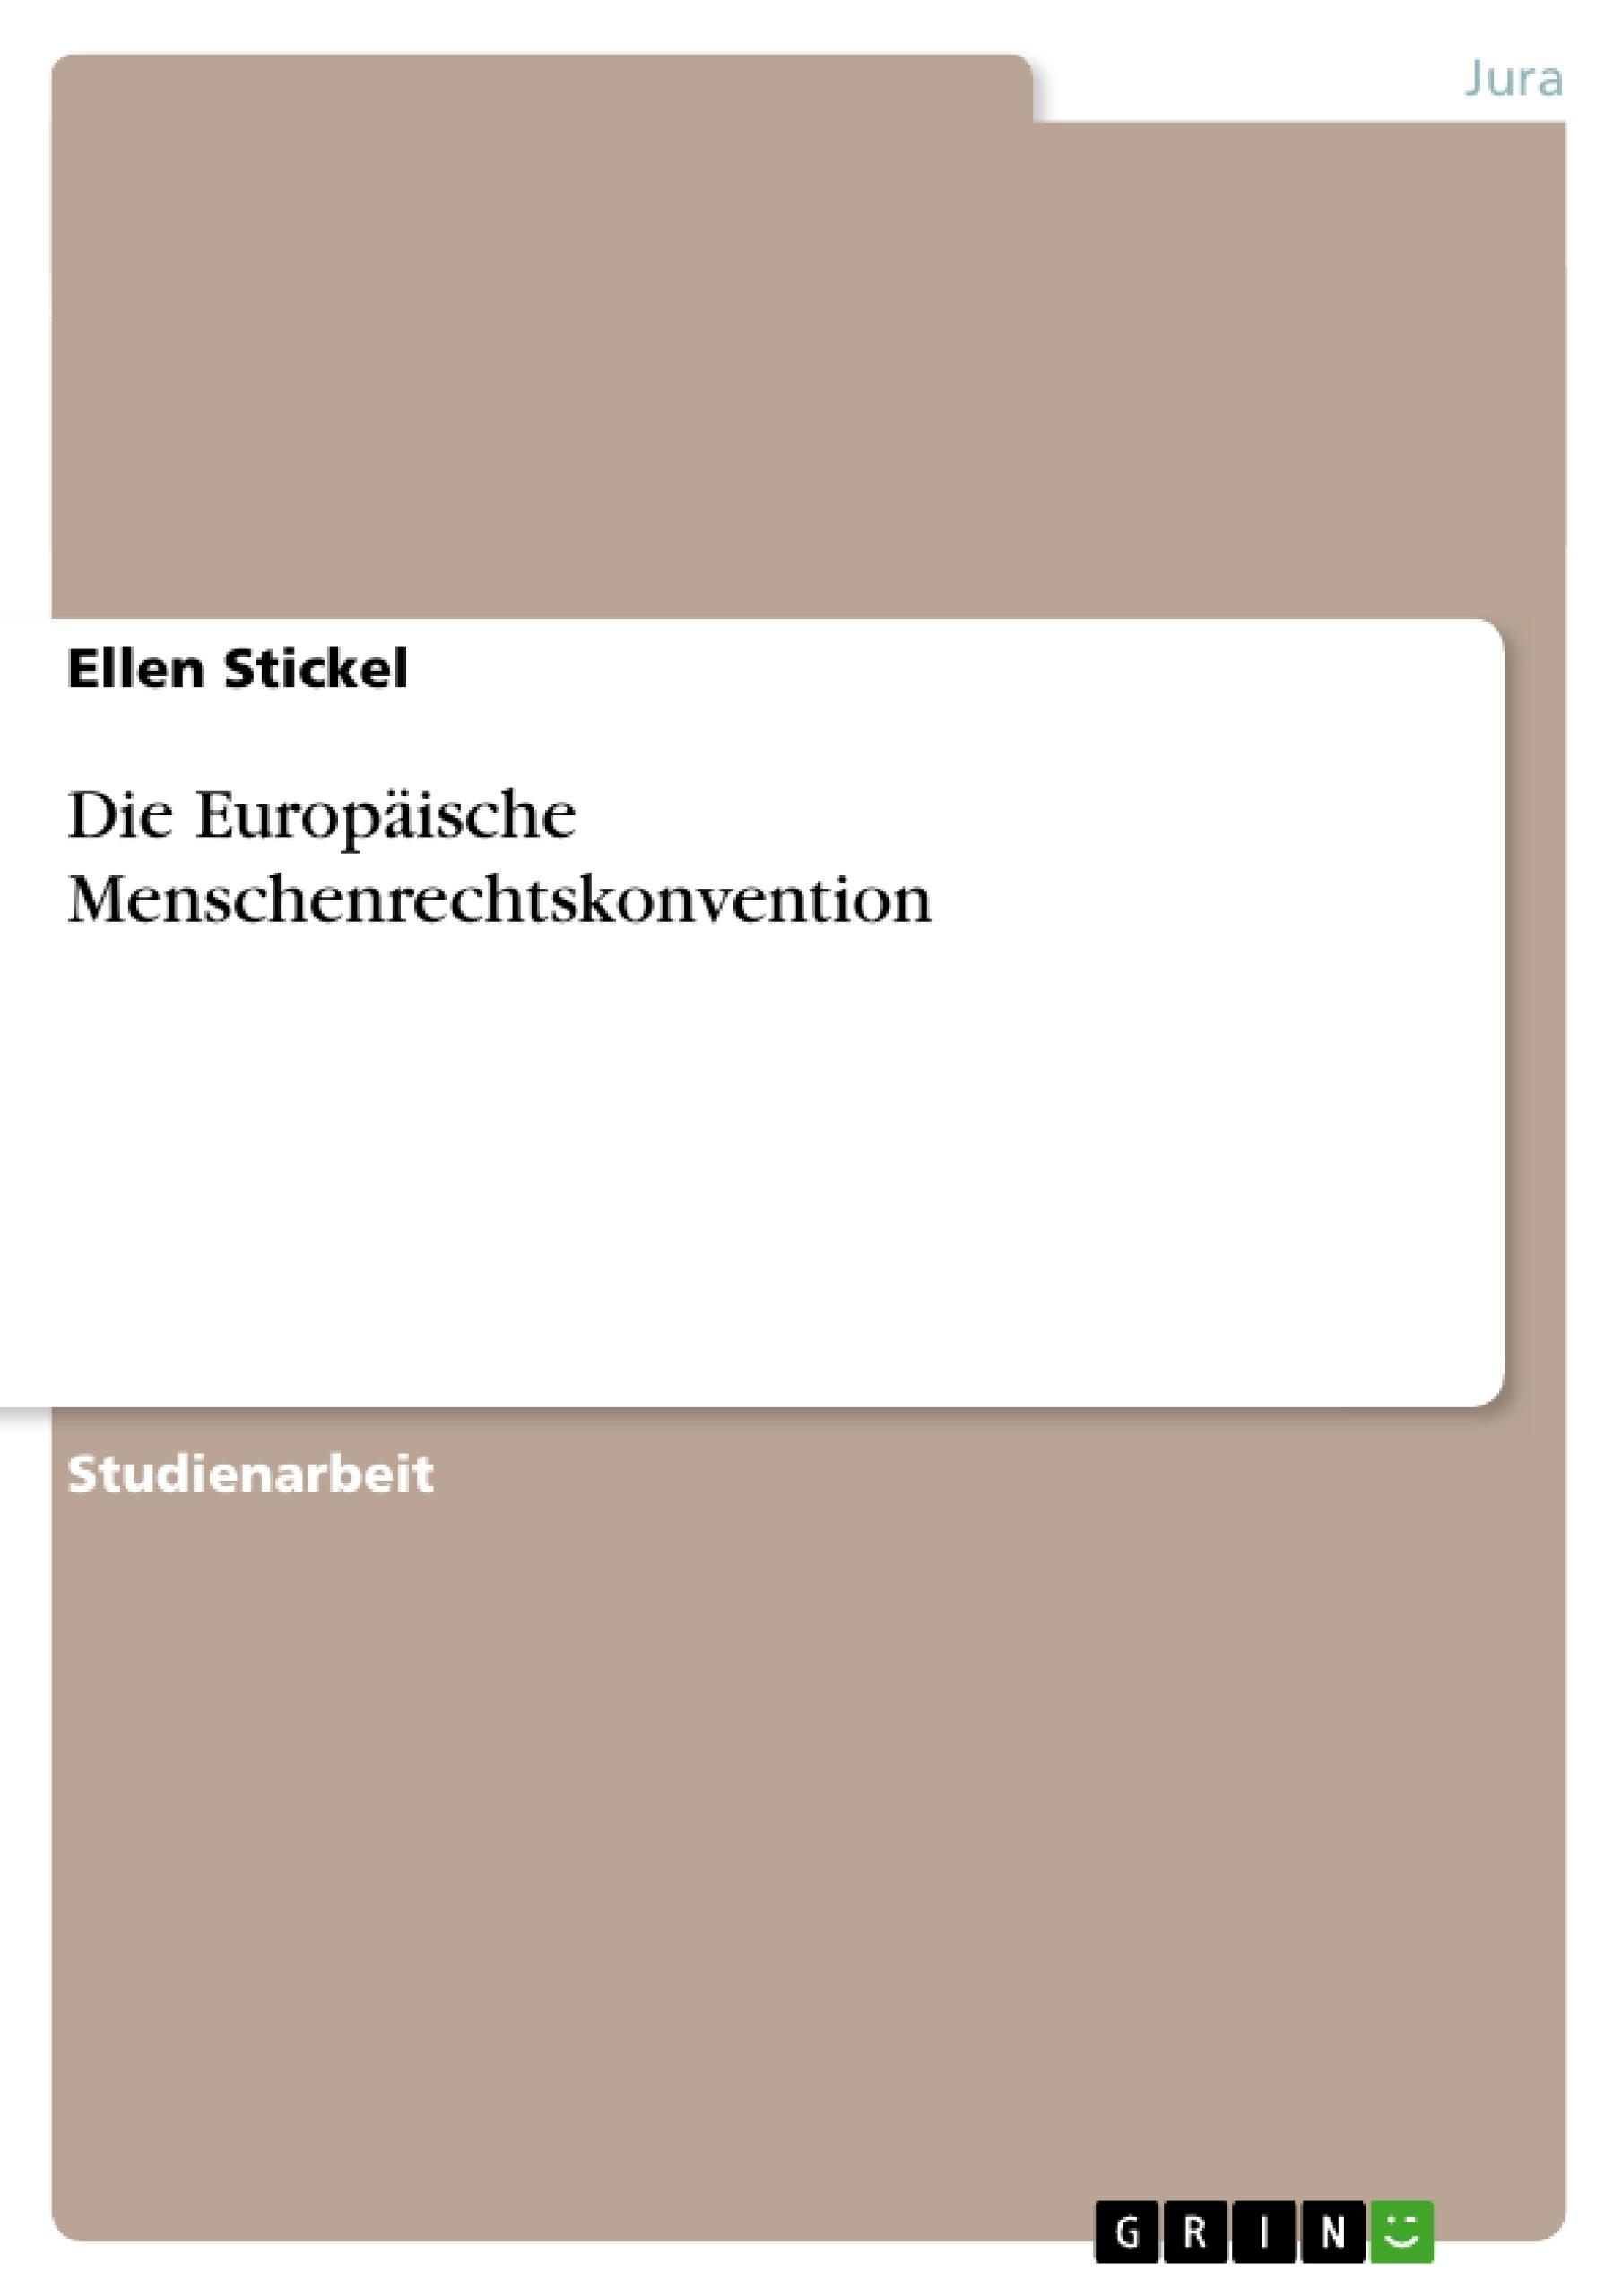 Titel: Die Europäische Menschenrechtskonvention